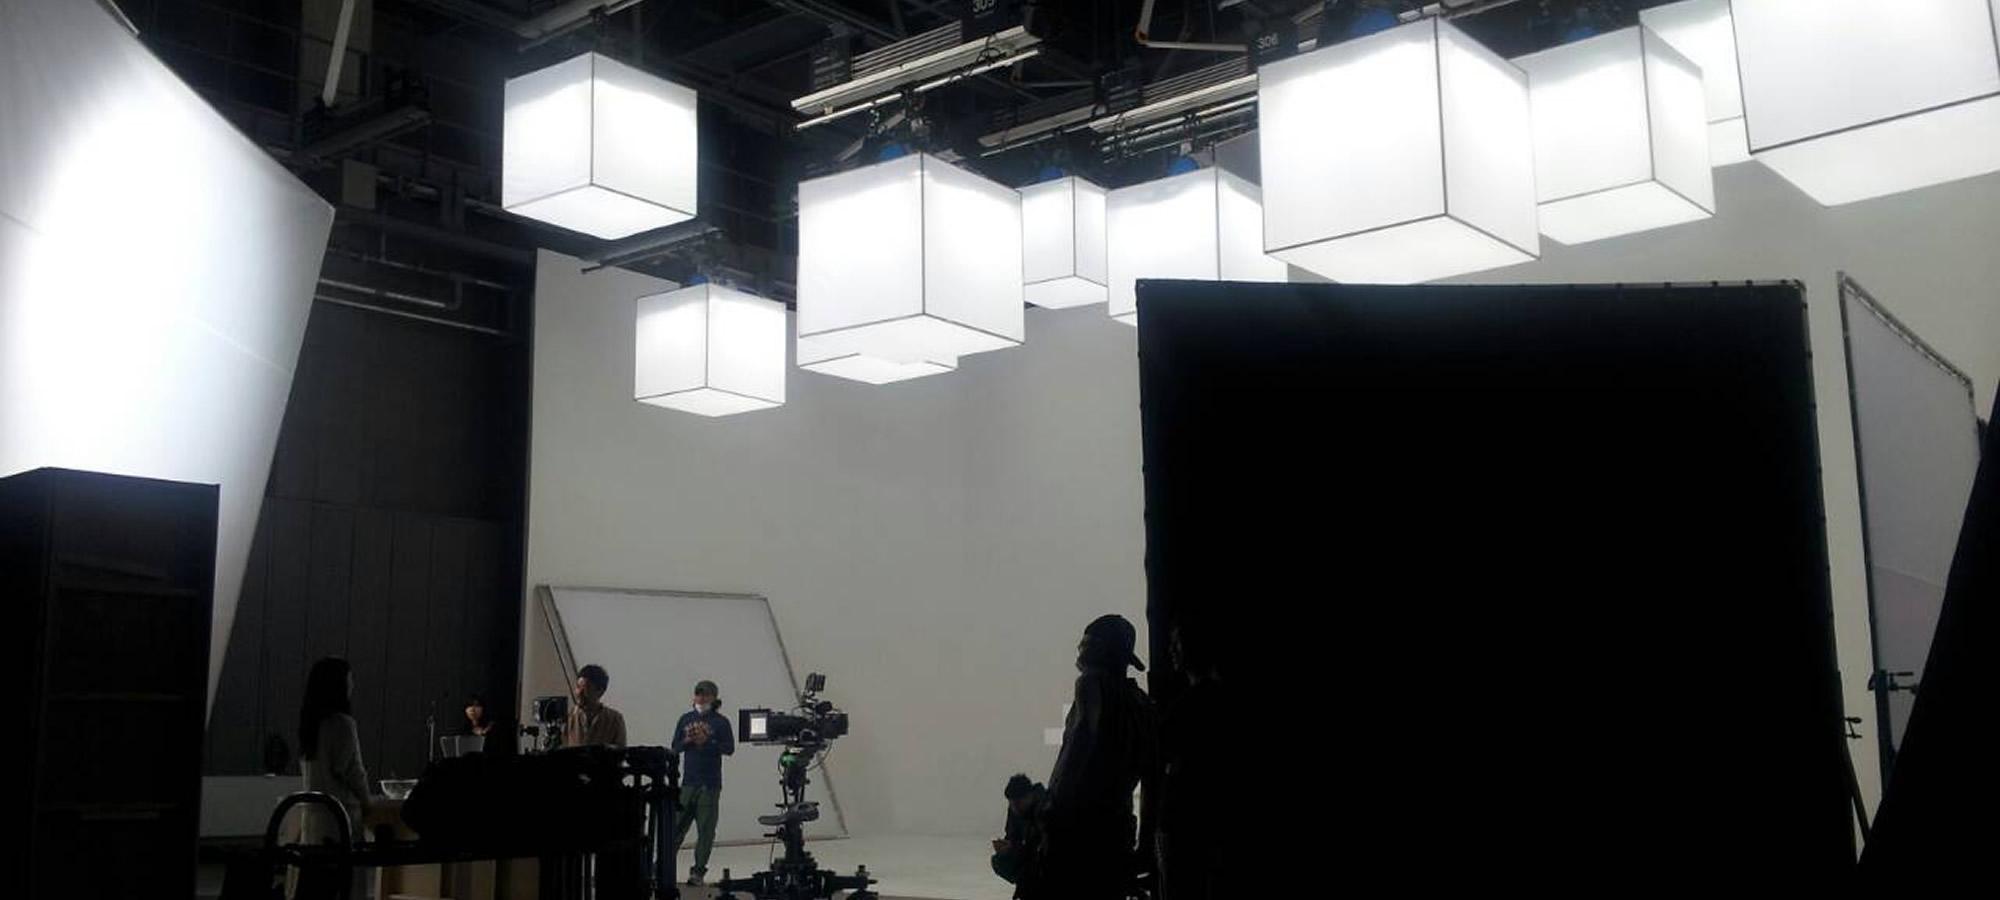 株式会社ヒート / 照明技師・照明機材・電源車・ロケバスのレンタル